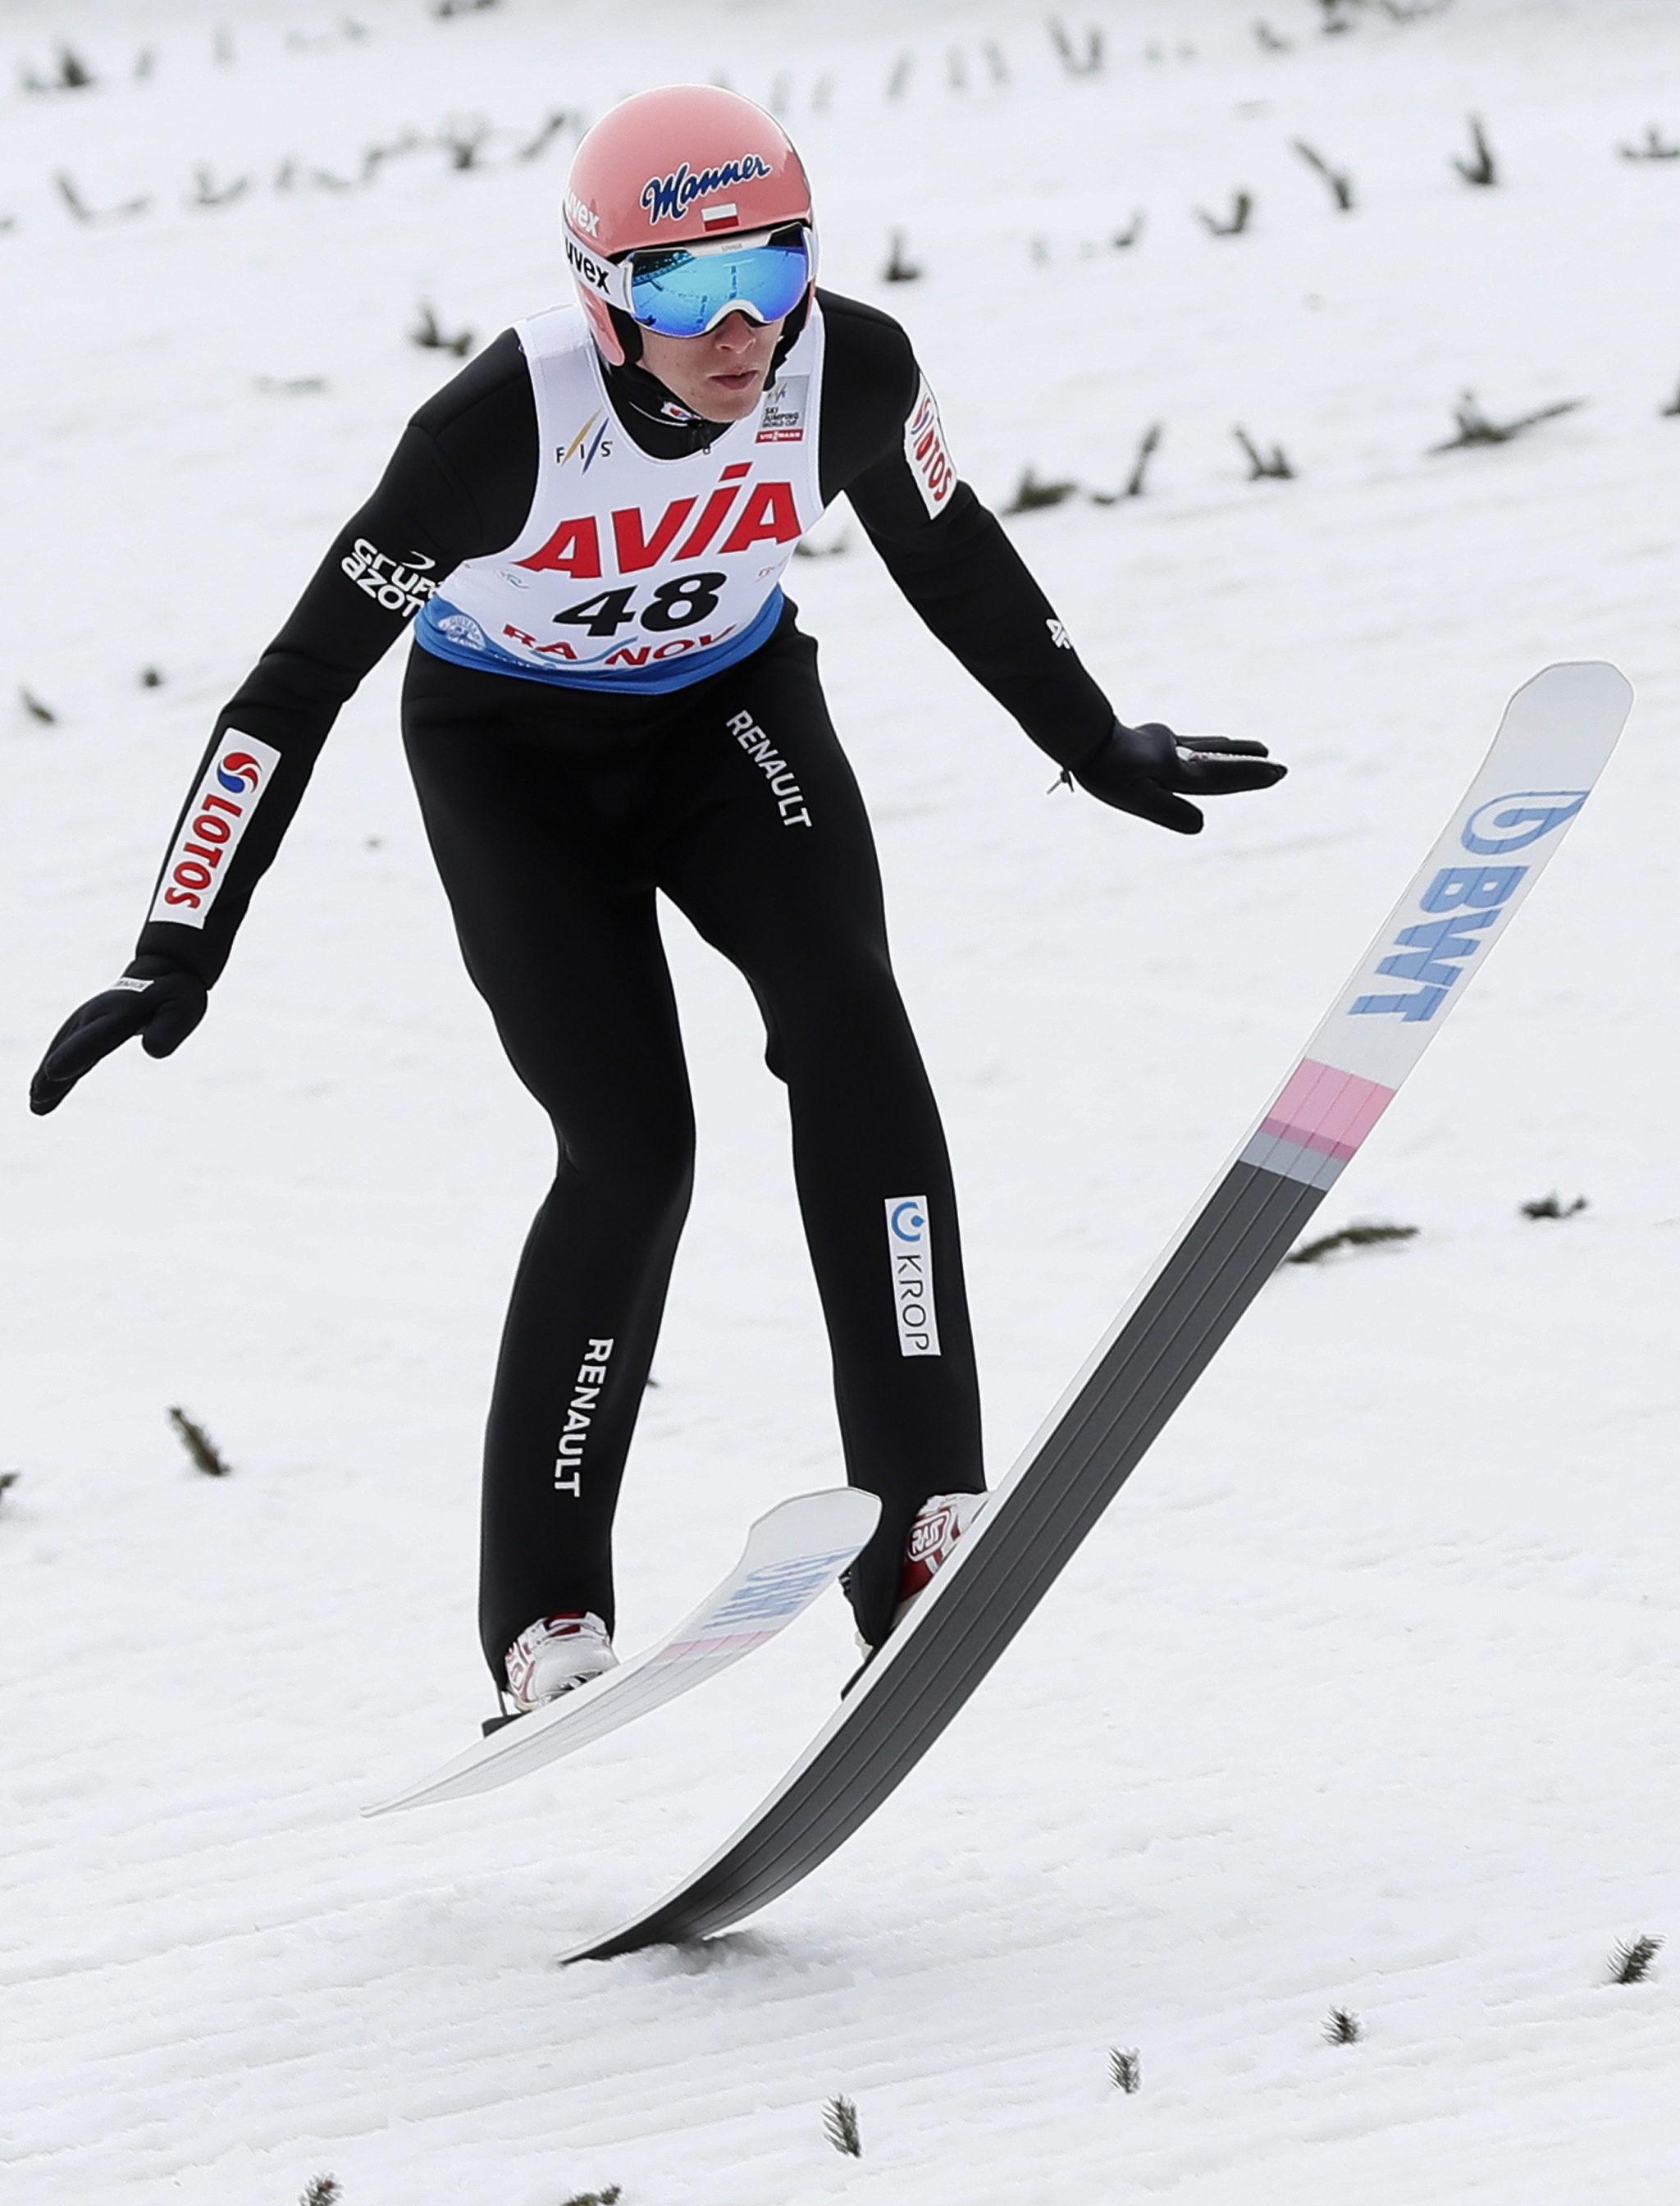 Dawid kubacki lądujący po skoku w konkursie  Pucharu Świata w Rumunii. fot. EPA/ROBERT GHEMENT